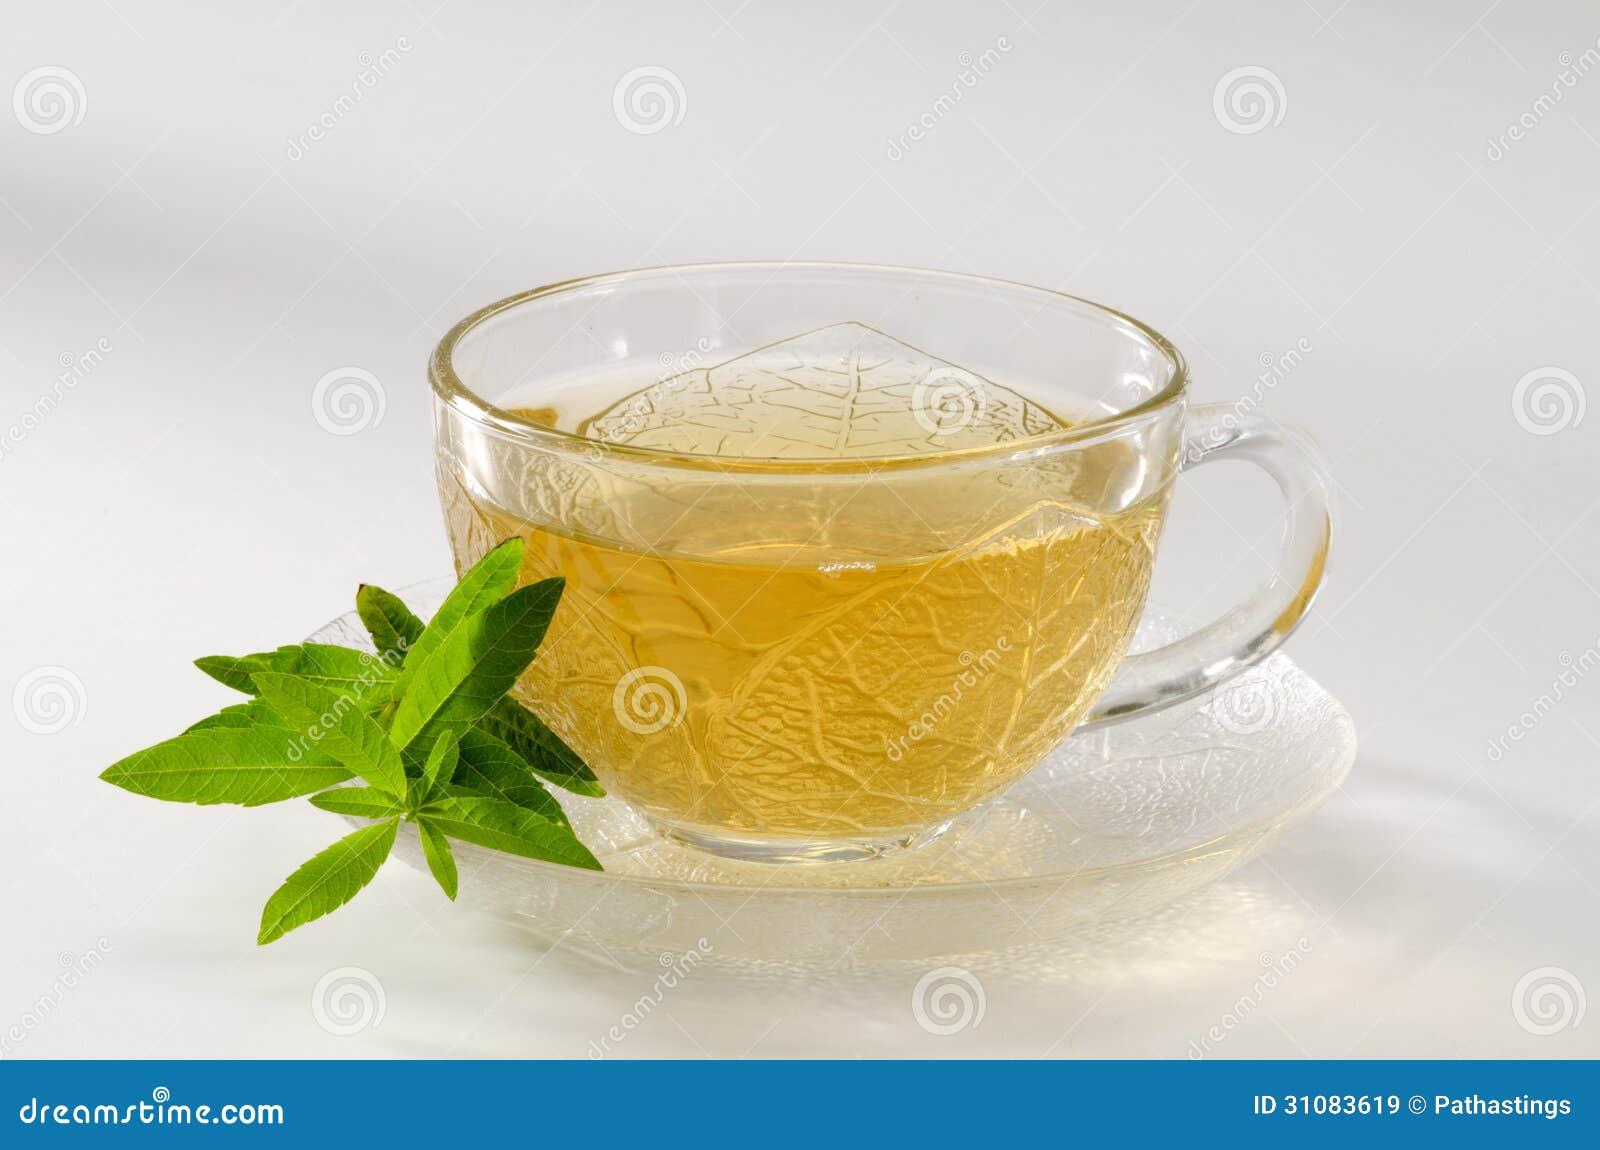 Lemon verbena herbal tea